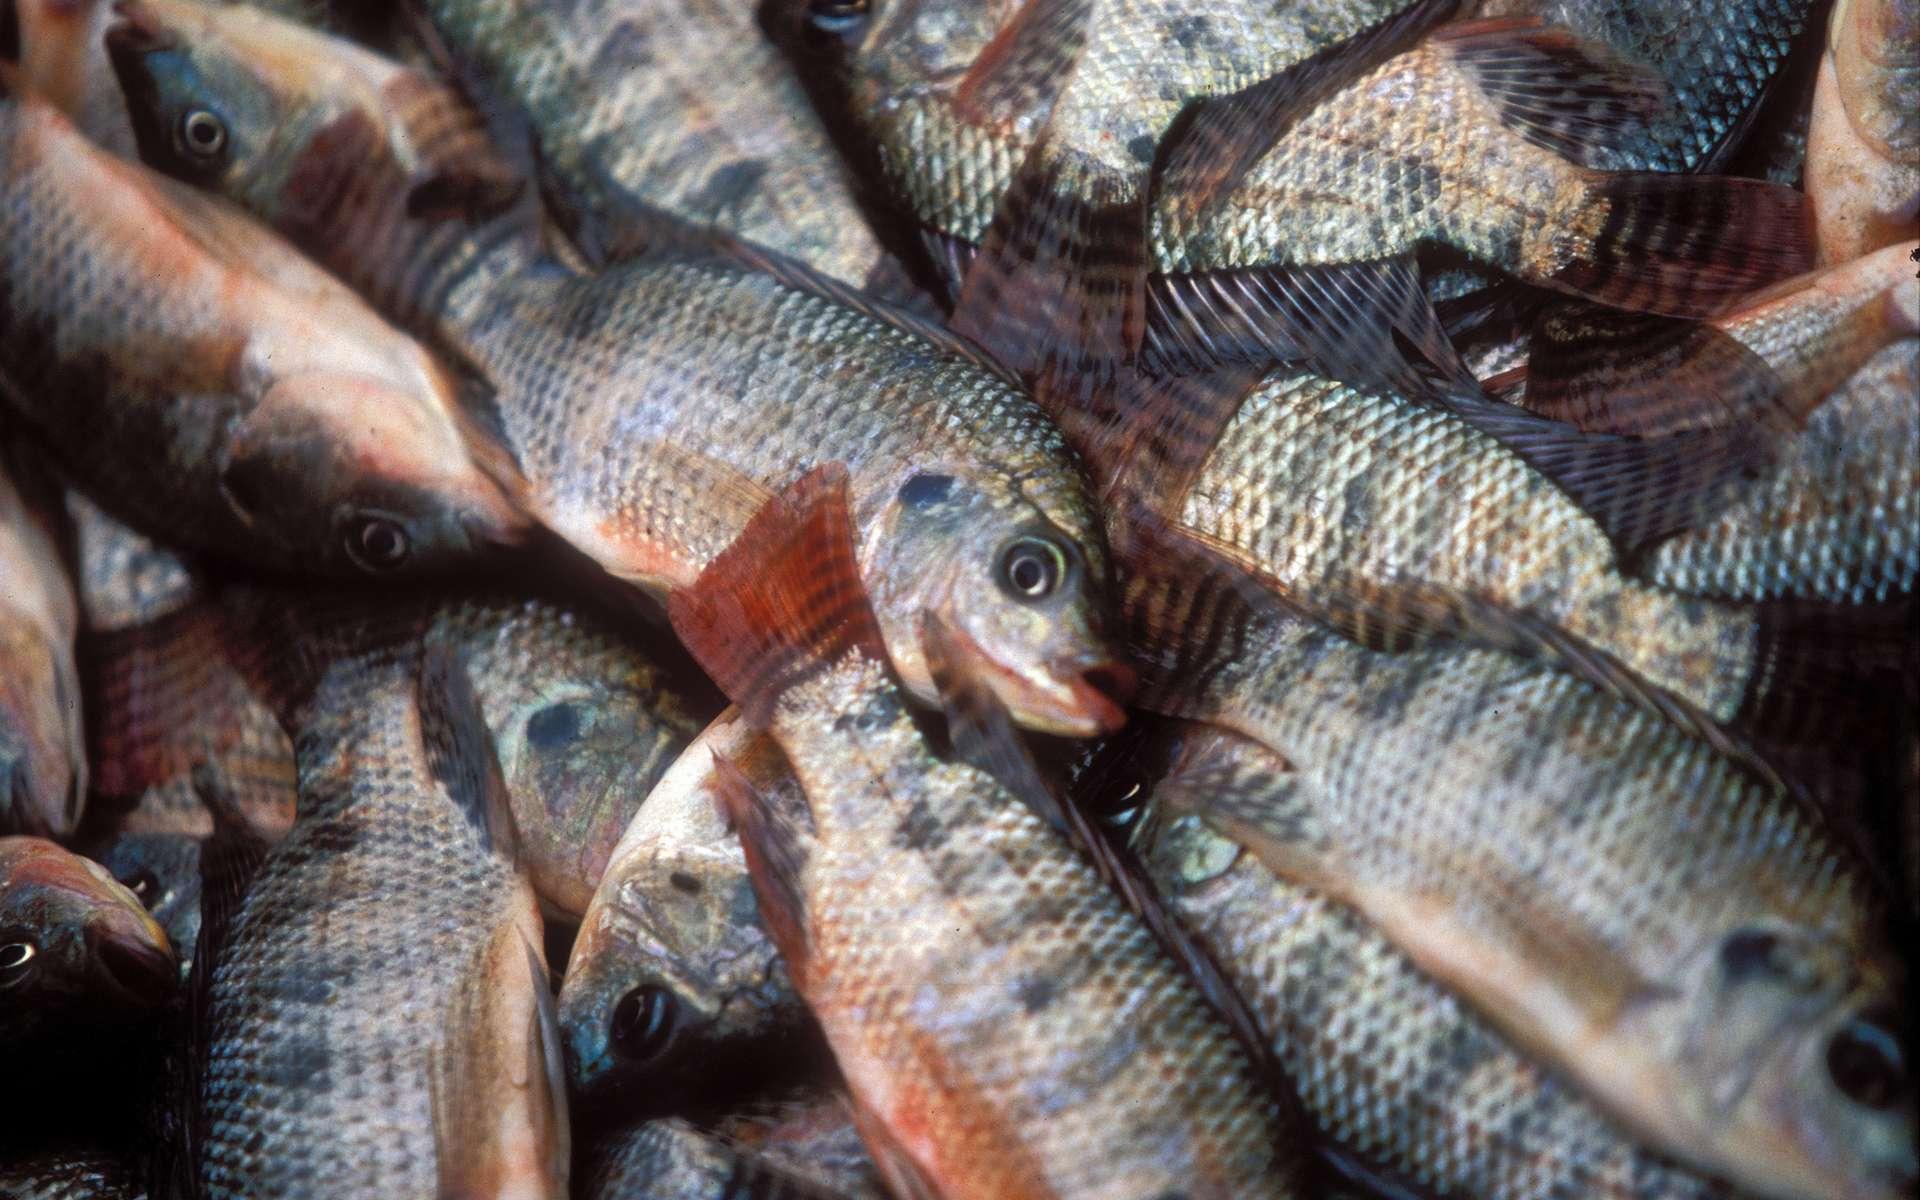 Le tilapia est le deuxième poisson d'élevage au monde. © Dominyk Lever, WorldFish, Flickr